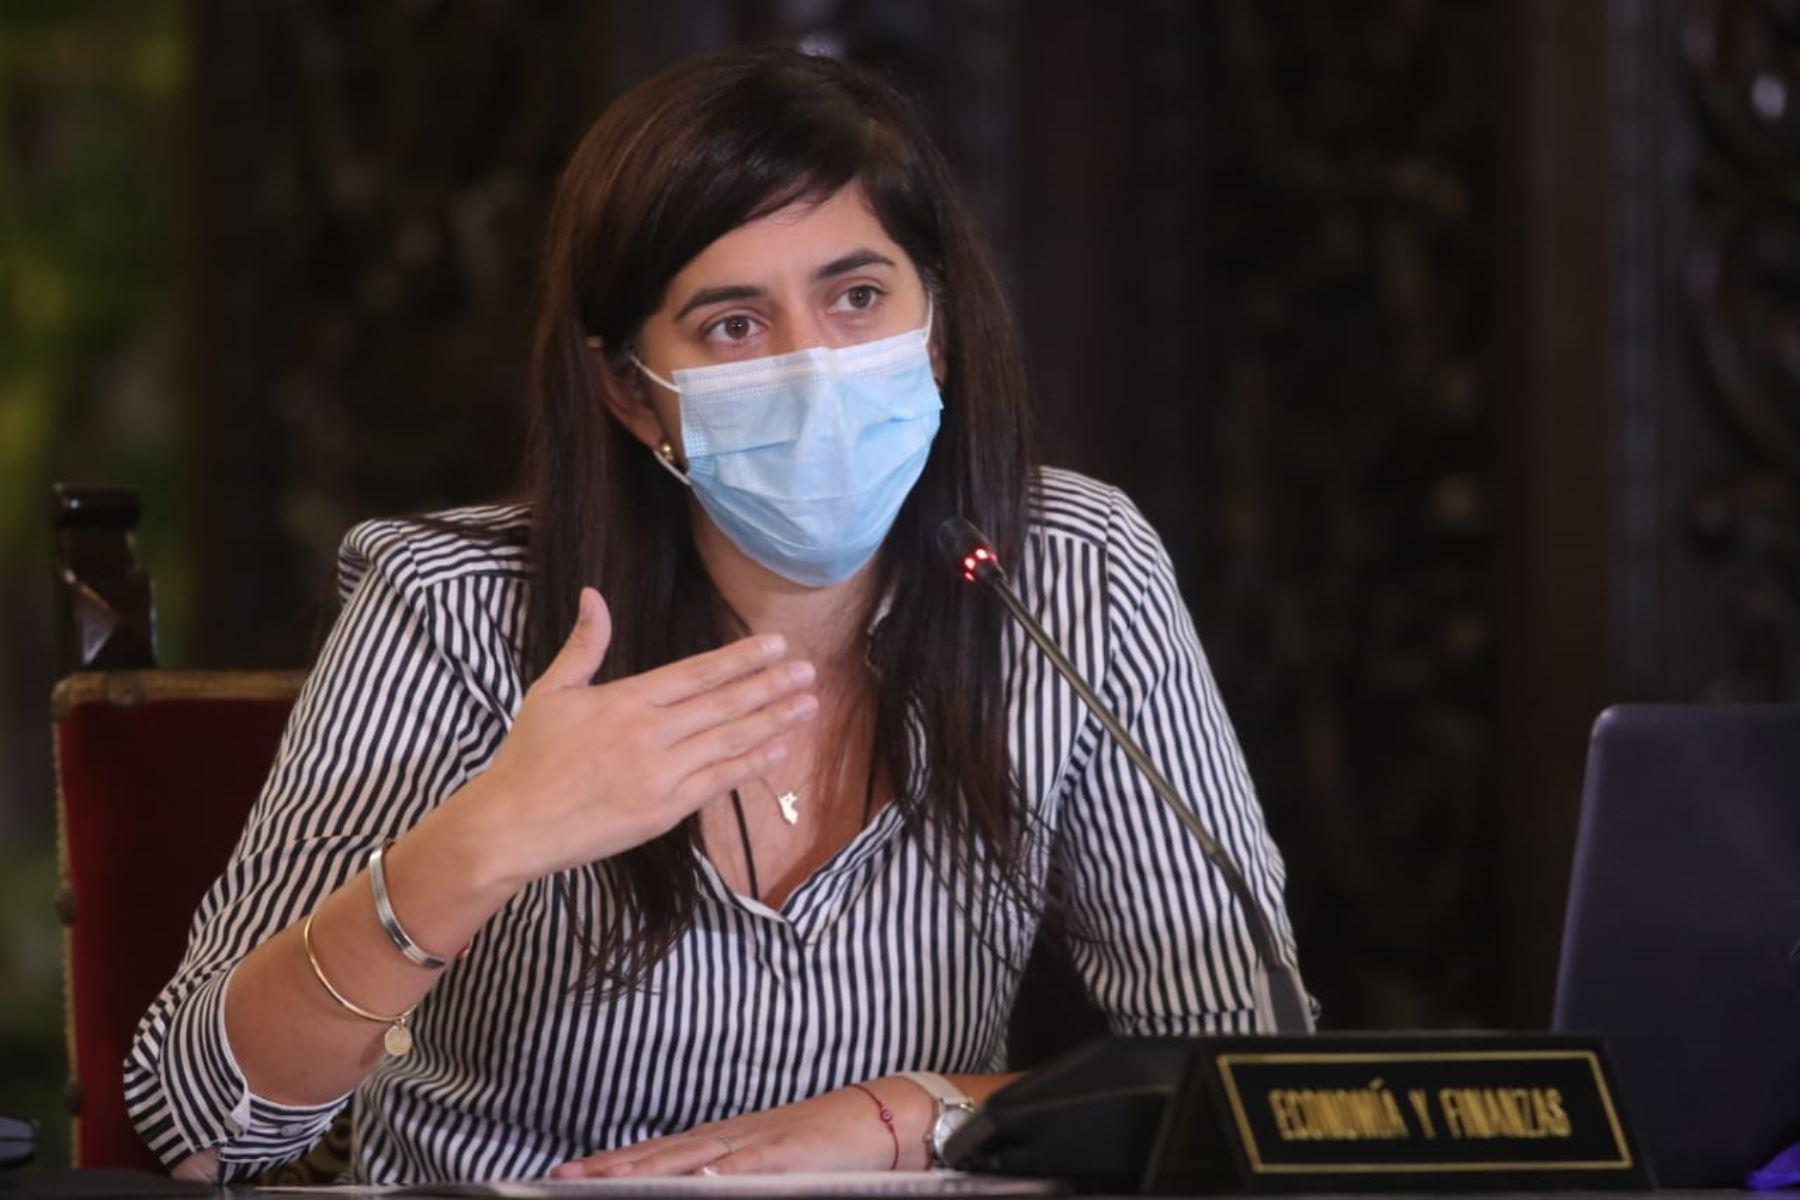 La Ministra de Economía María Antonieta Alva  informa las medidas adoptadas por  su sector, en el marco del estado de emergencia nacional por el coronavirus (covid-19). Foto: ANDINA/ Prensa Presidencia